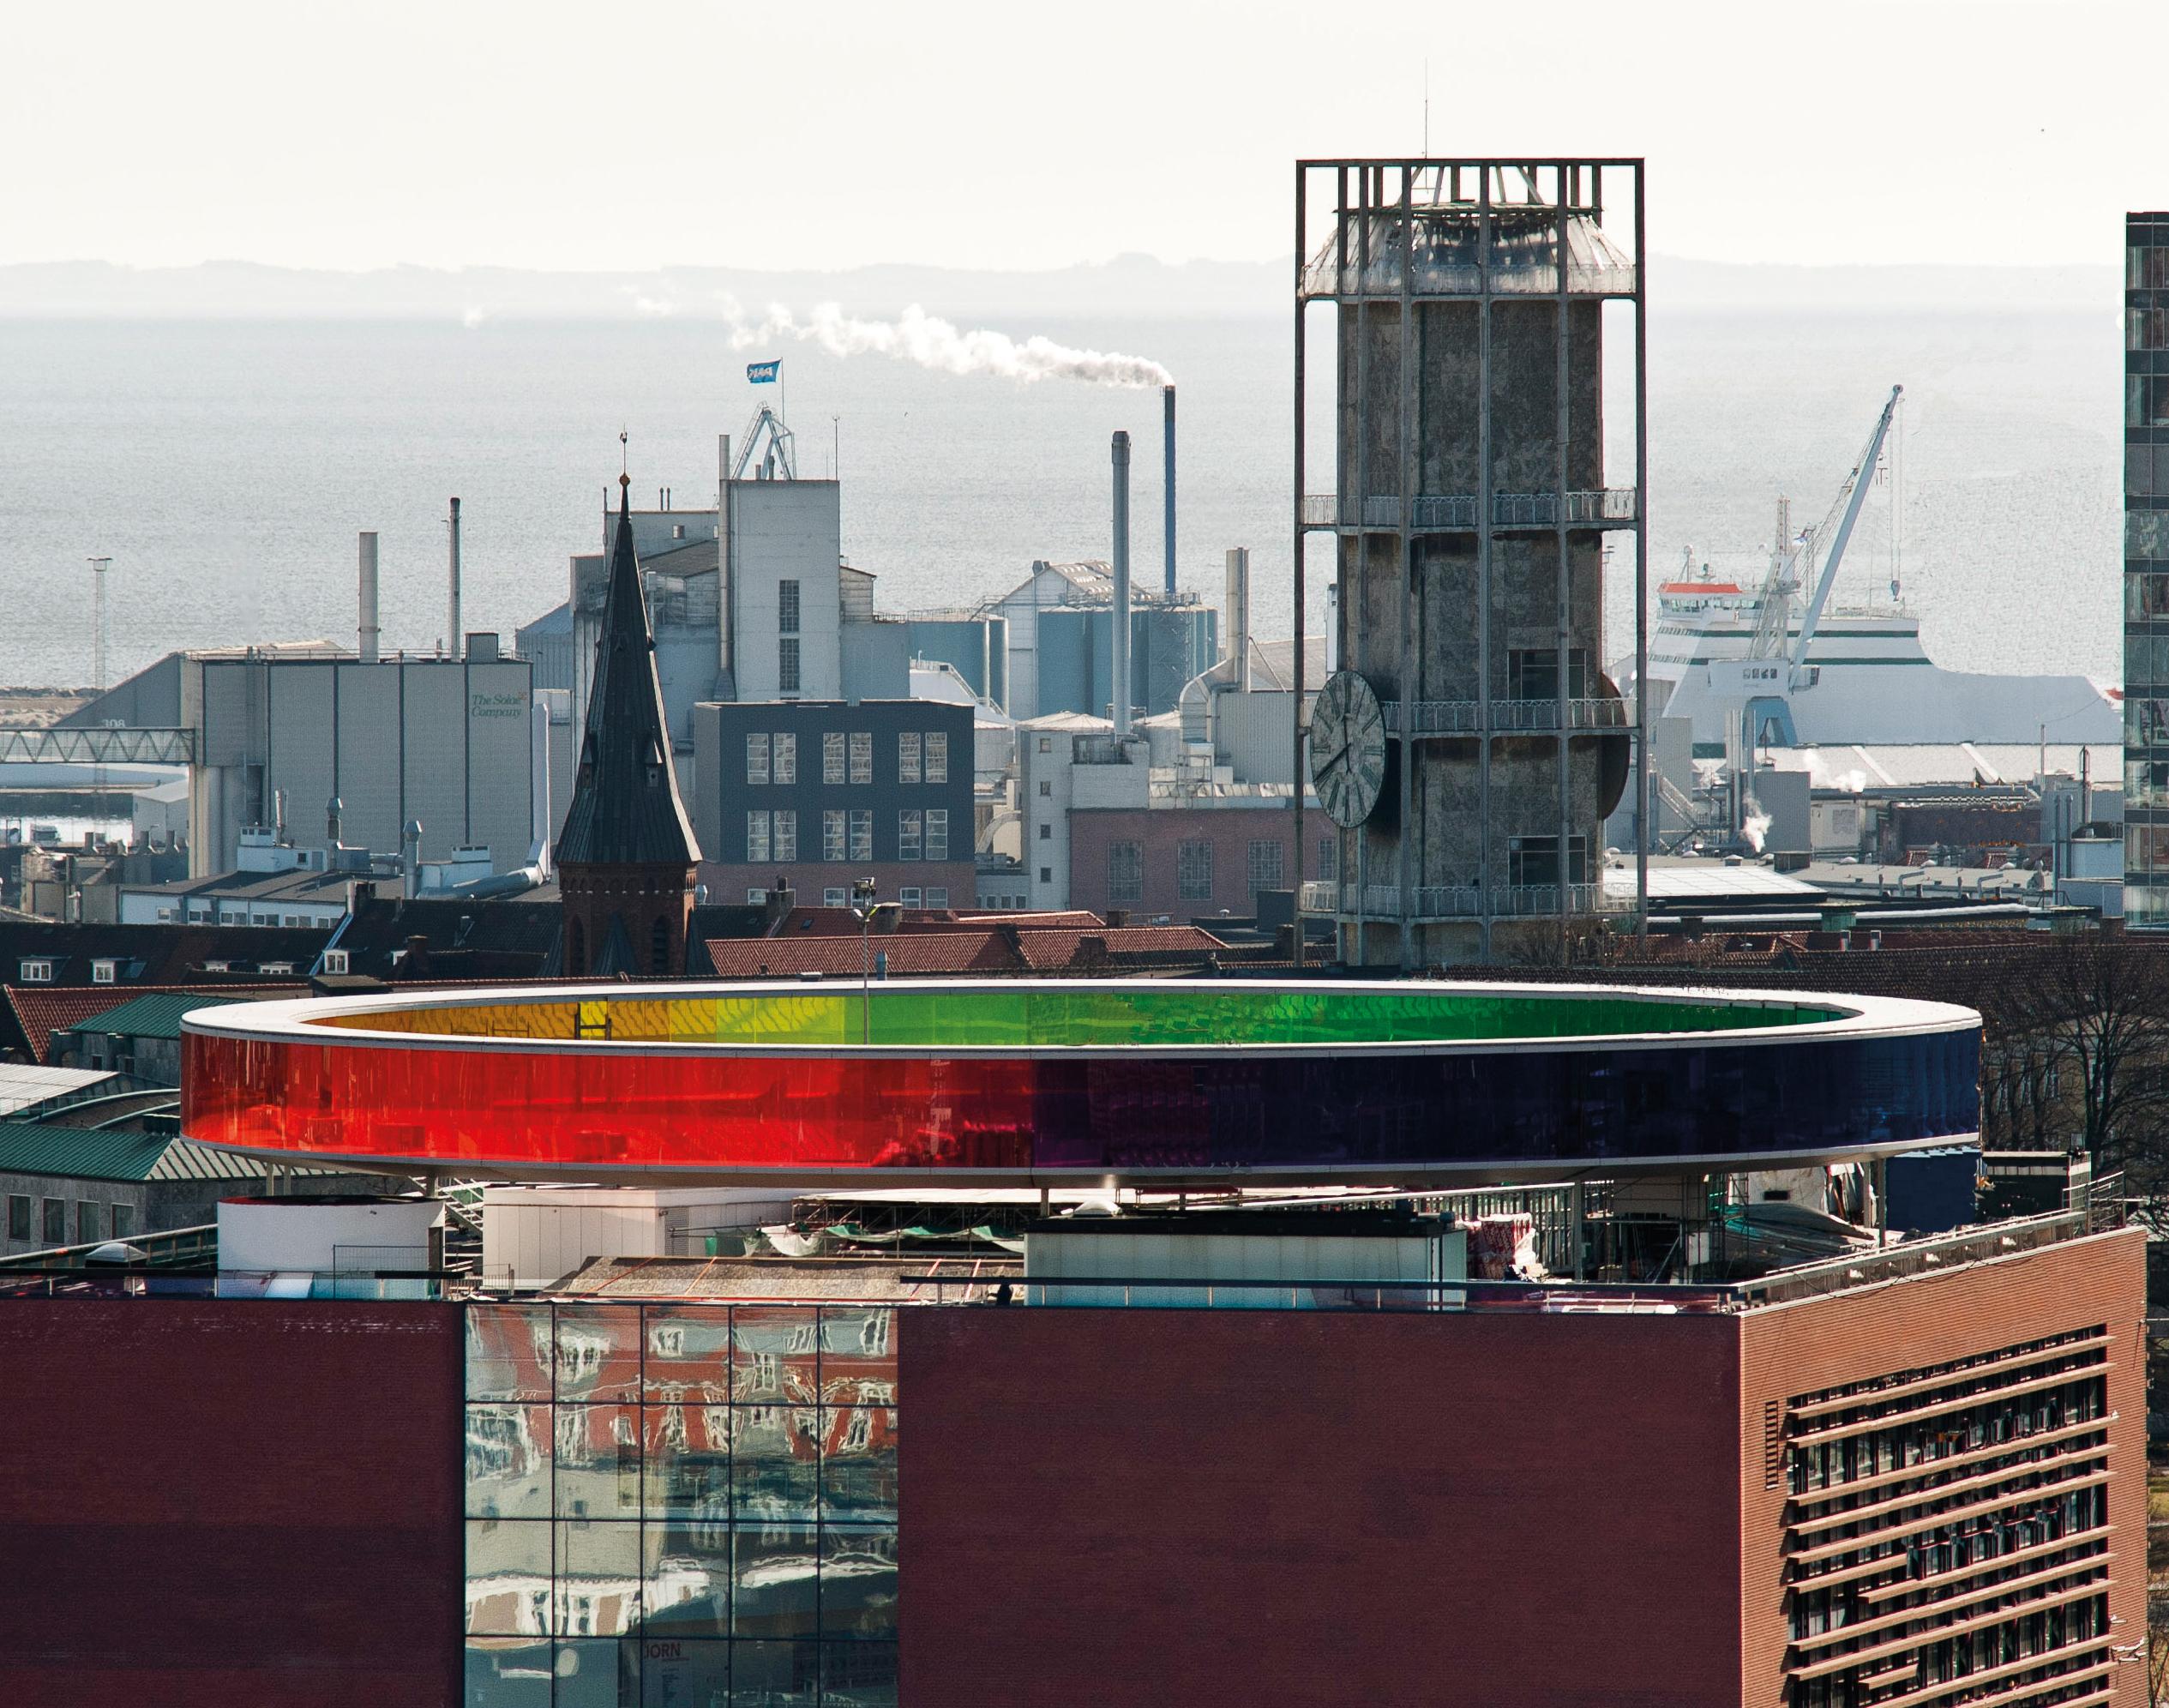 Aarhus med kunstmuseet Aros i forgrunden. (Foto: Lars Aarø, VisitAarhus)